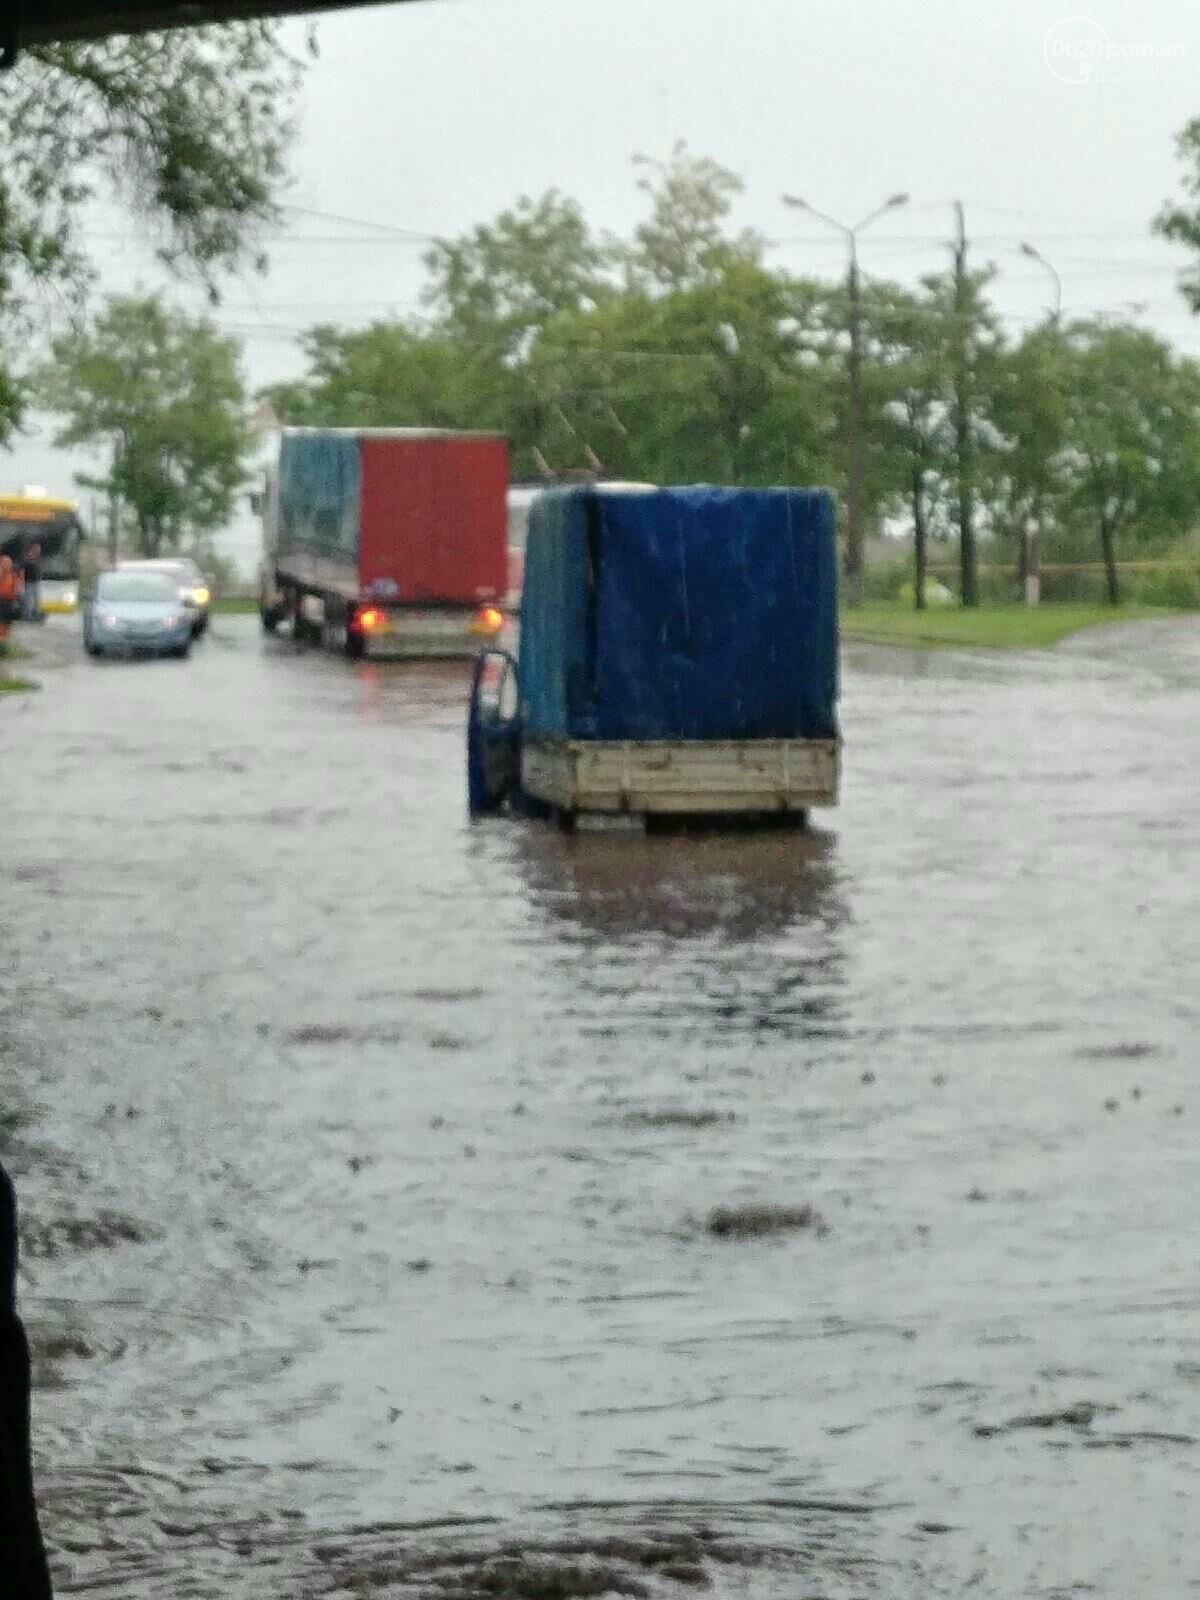 Снова потоп. В Мариуполе тонули машины и вышли из строя подстанции, - ФОТО, ВИДЕО, фото-2